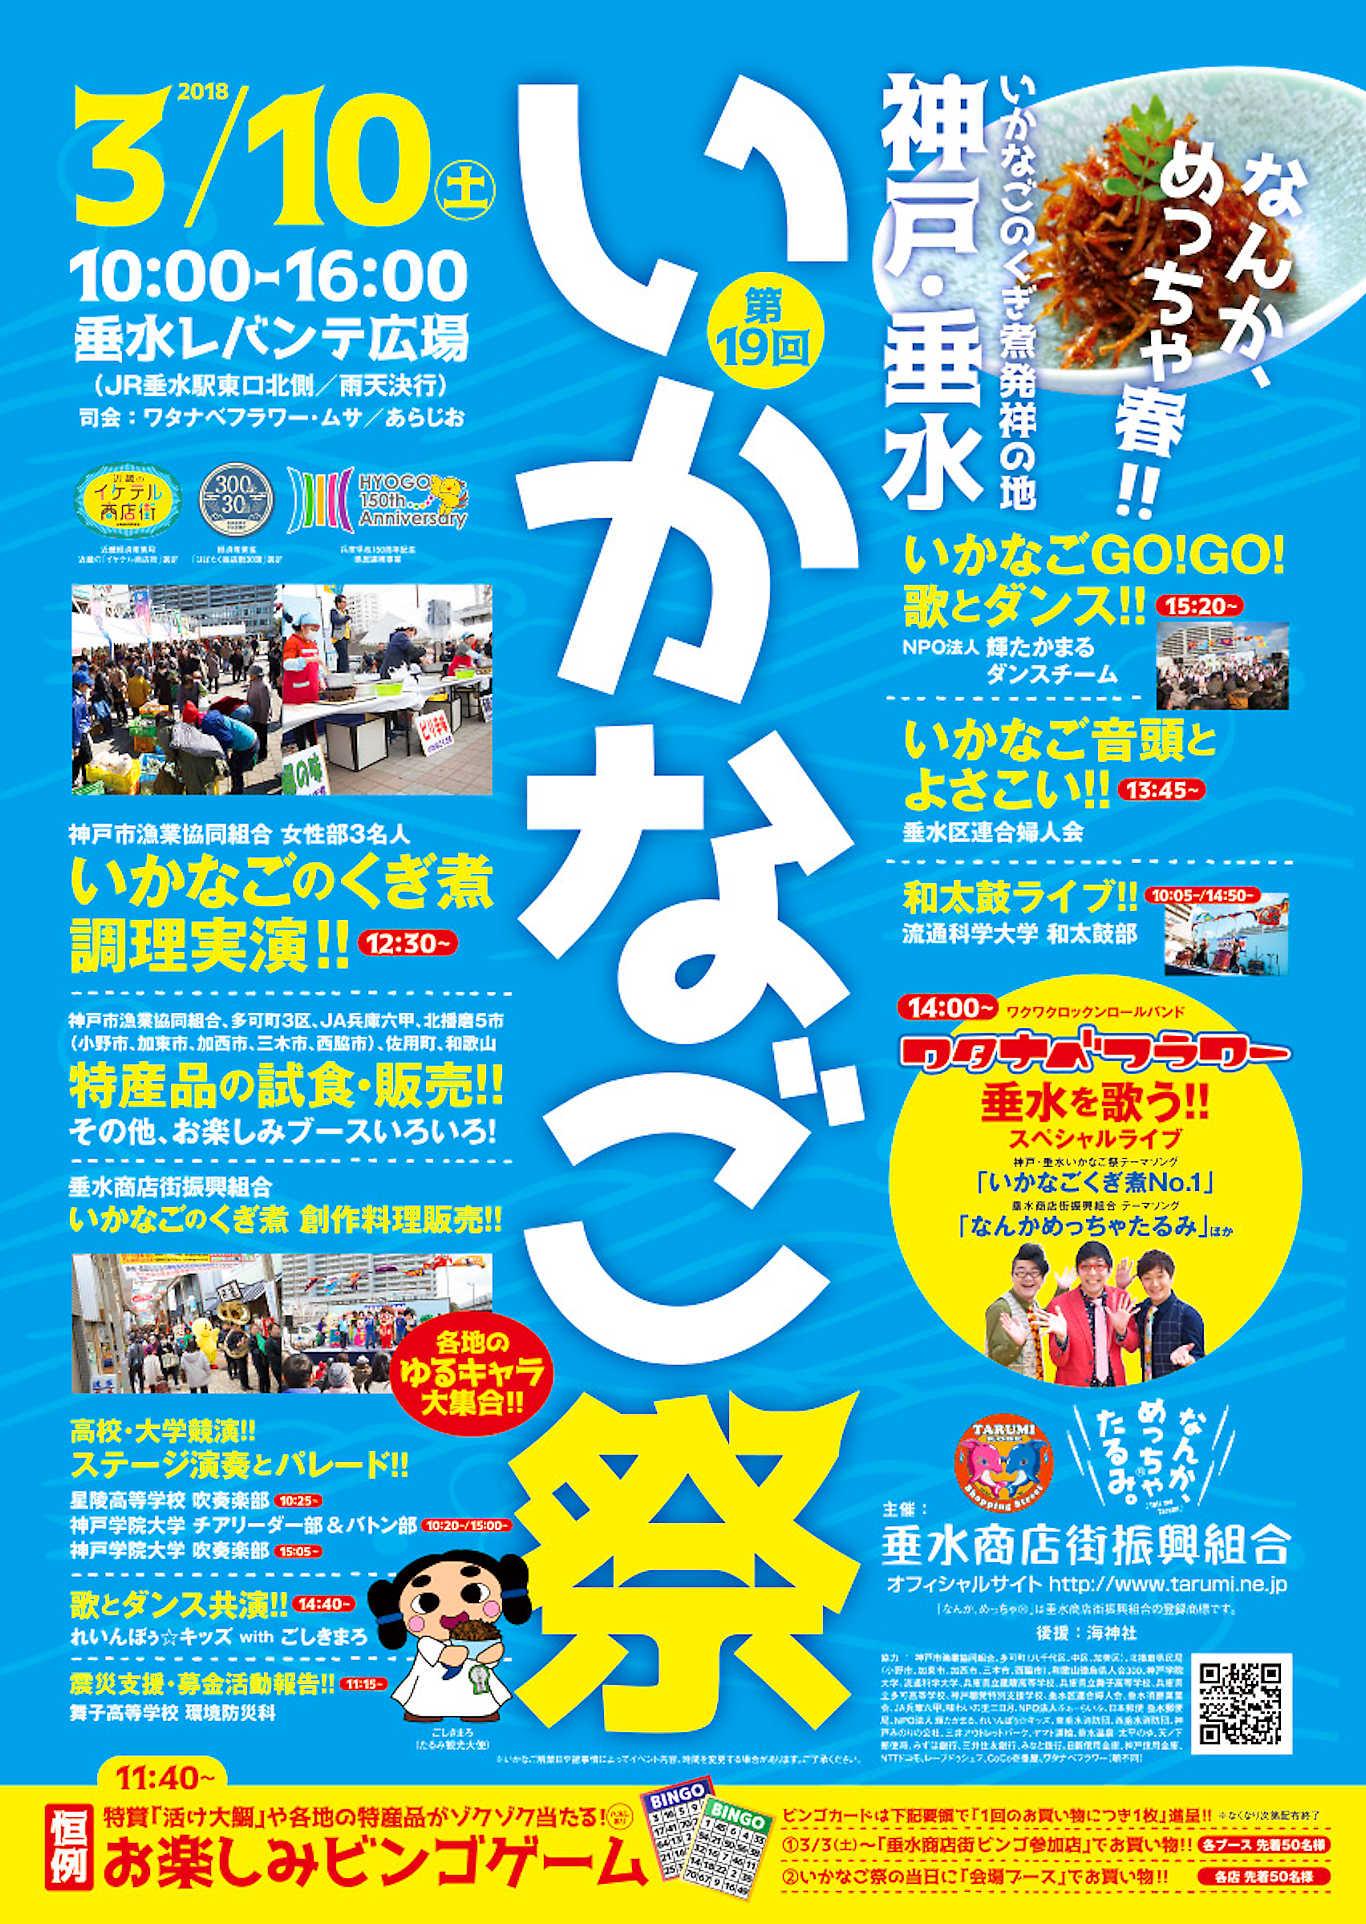 神戸・垂水いかなご祭